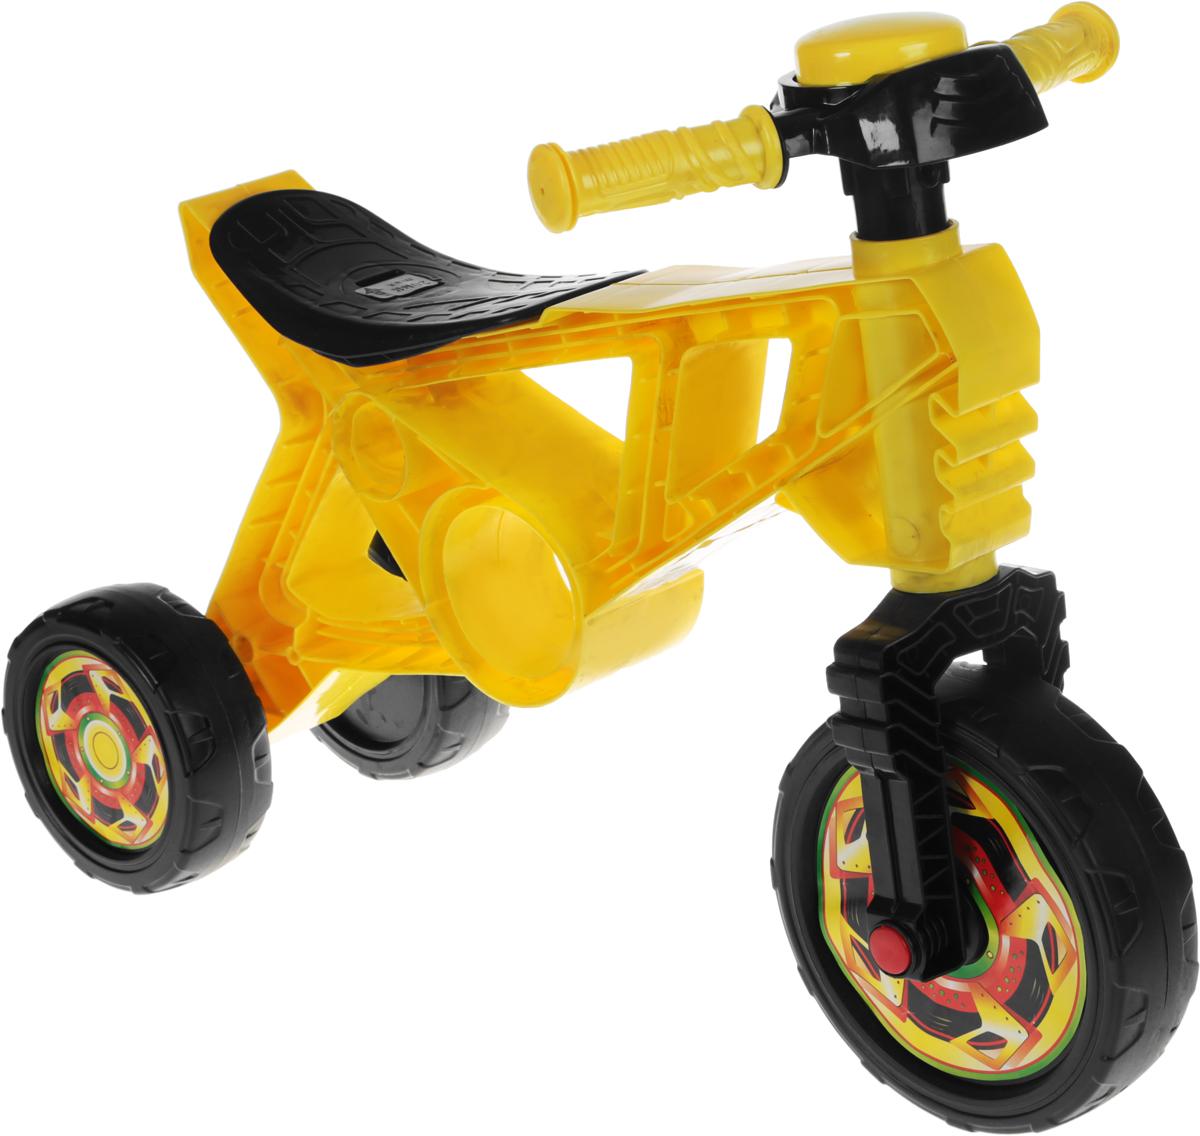 Орион Беговел детский 3-х колесный цвет желтый черный -  Беговелы